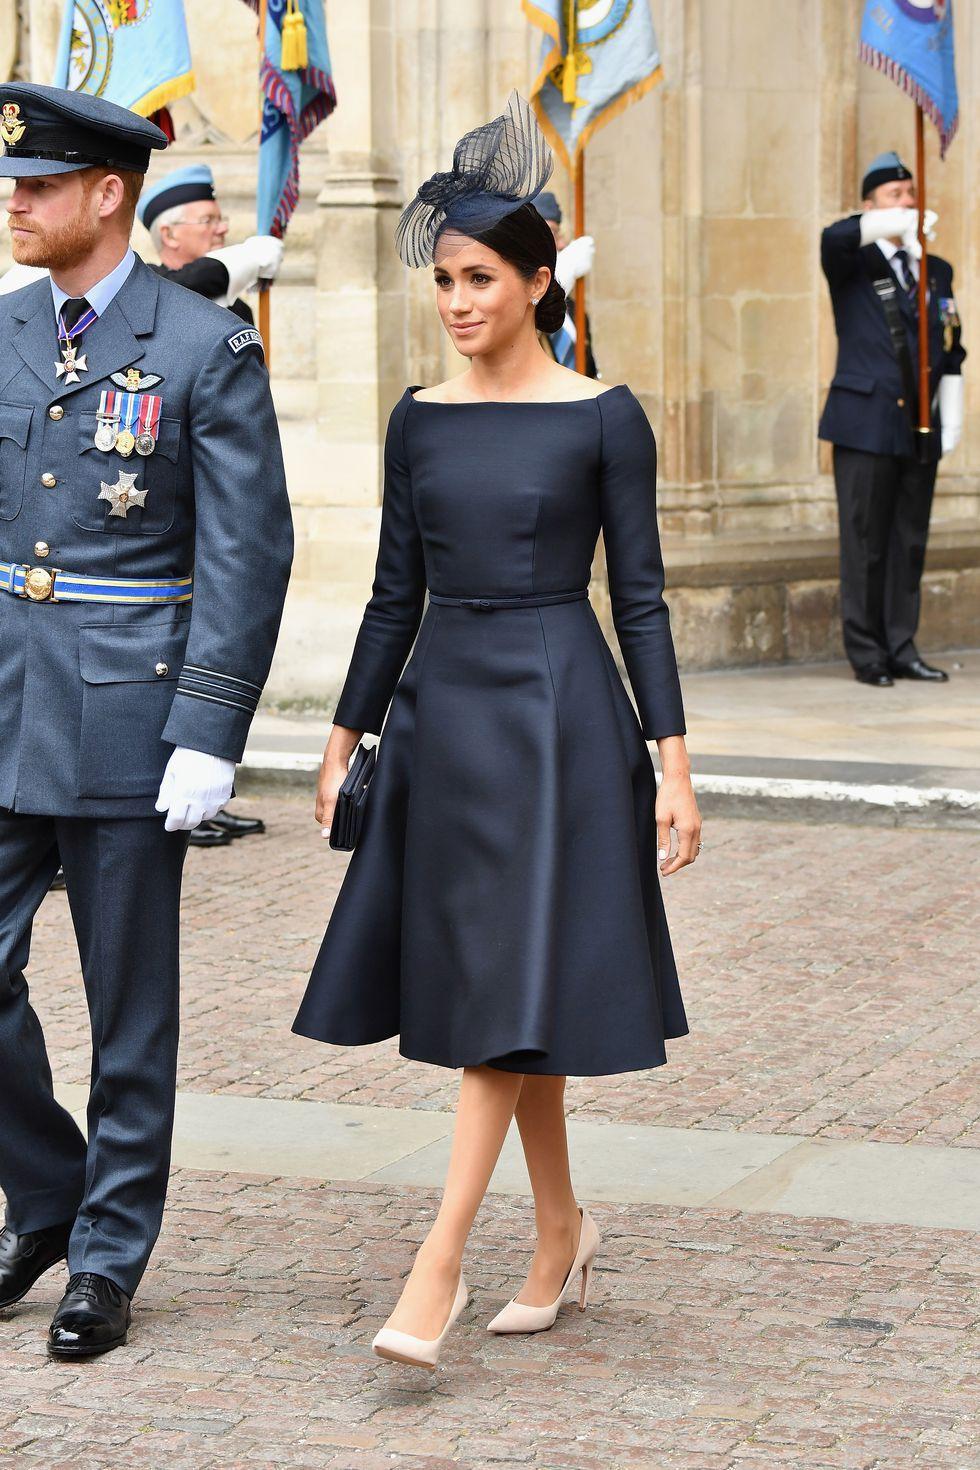 5d033d9a9bfa Meghan Markle's Style Evolution | Meghan Royal Style: | Dior dress, Meghan  markle style, Fashion